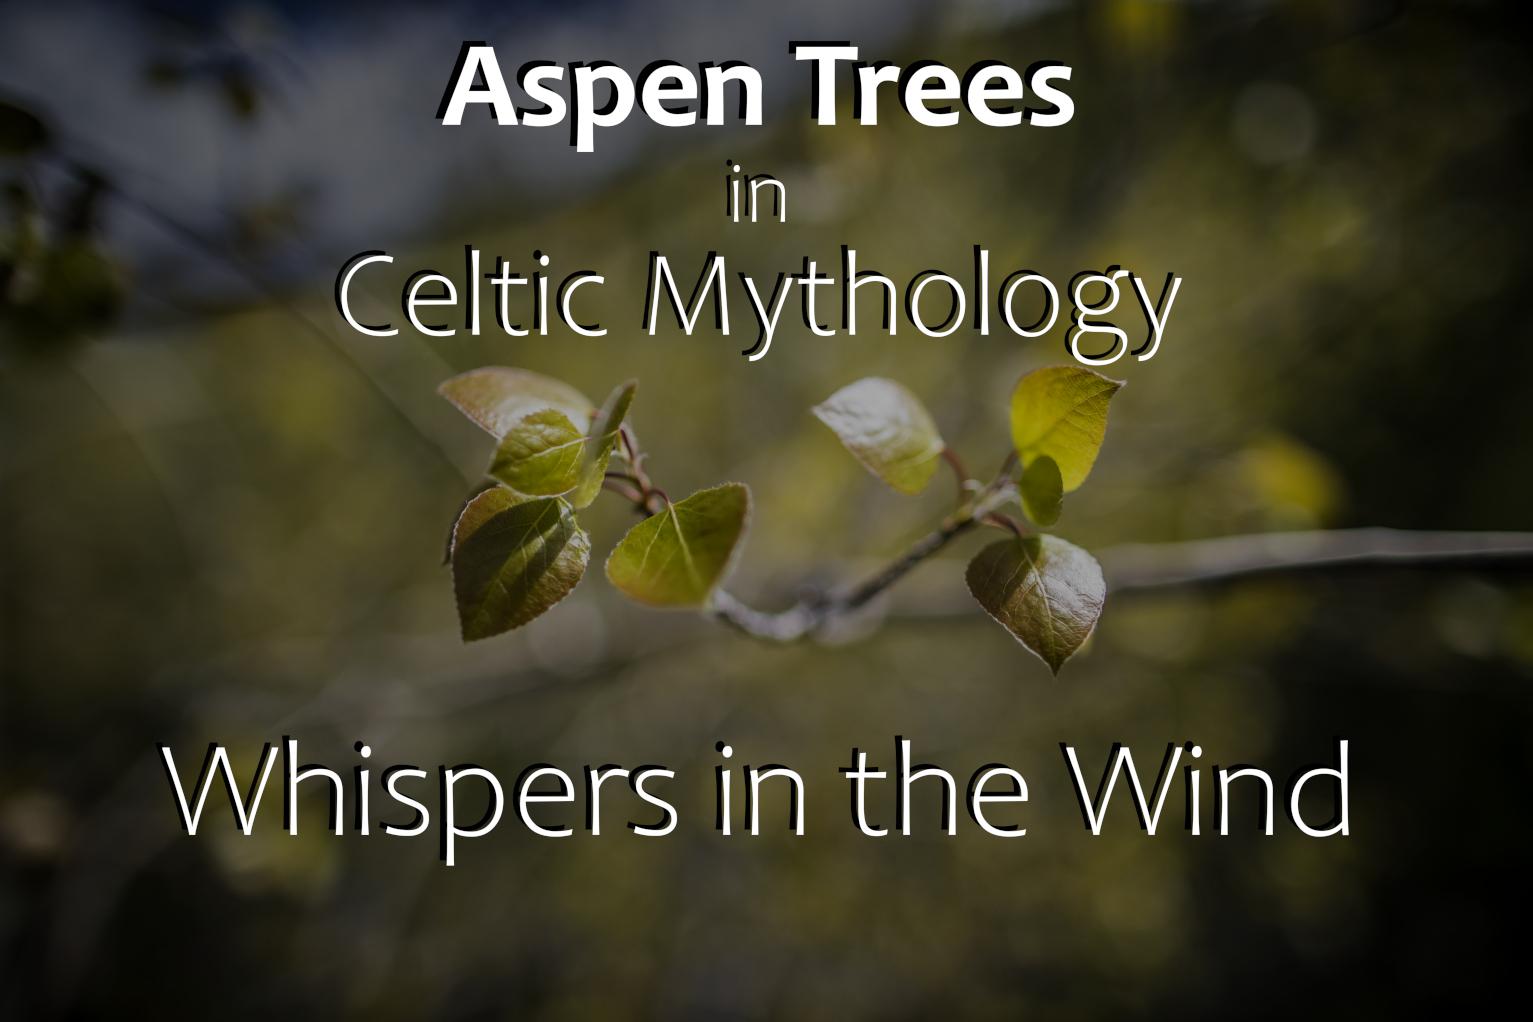 Celtic Mythology Aspen